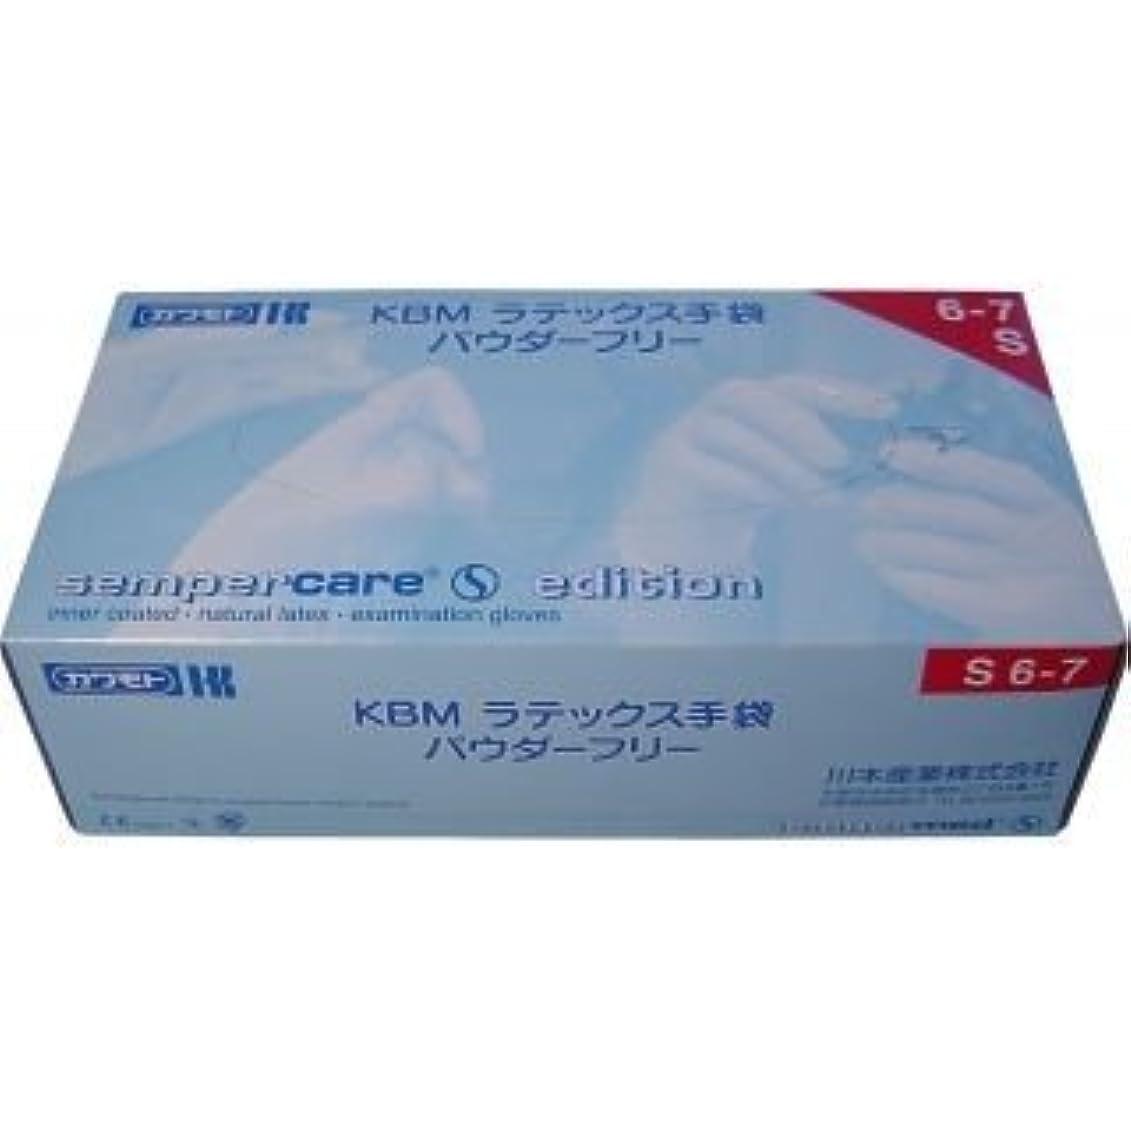 KBMラテックス手袋 パウダーフリー Sサイズ 100枚入【2個セット】